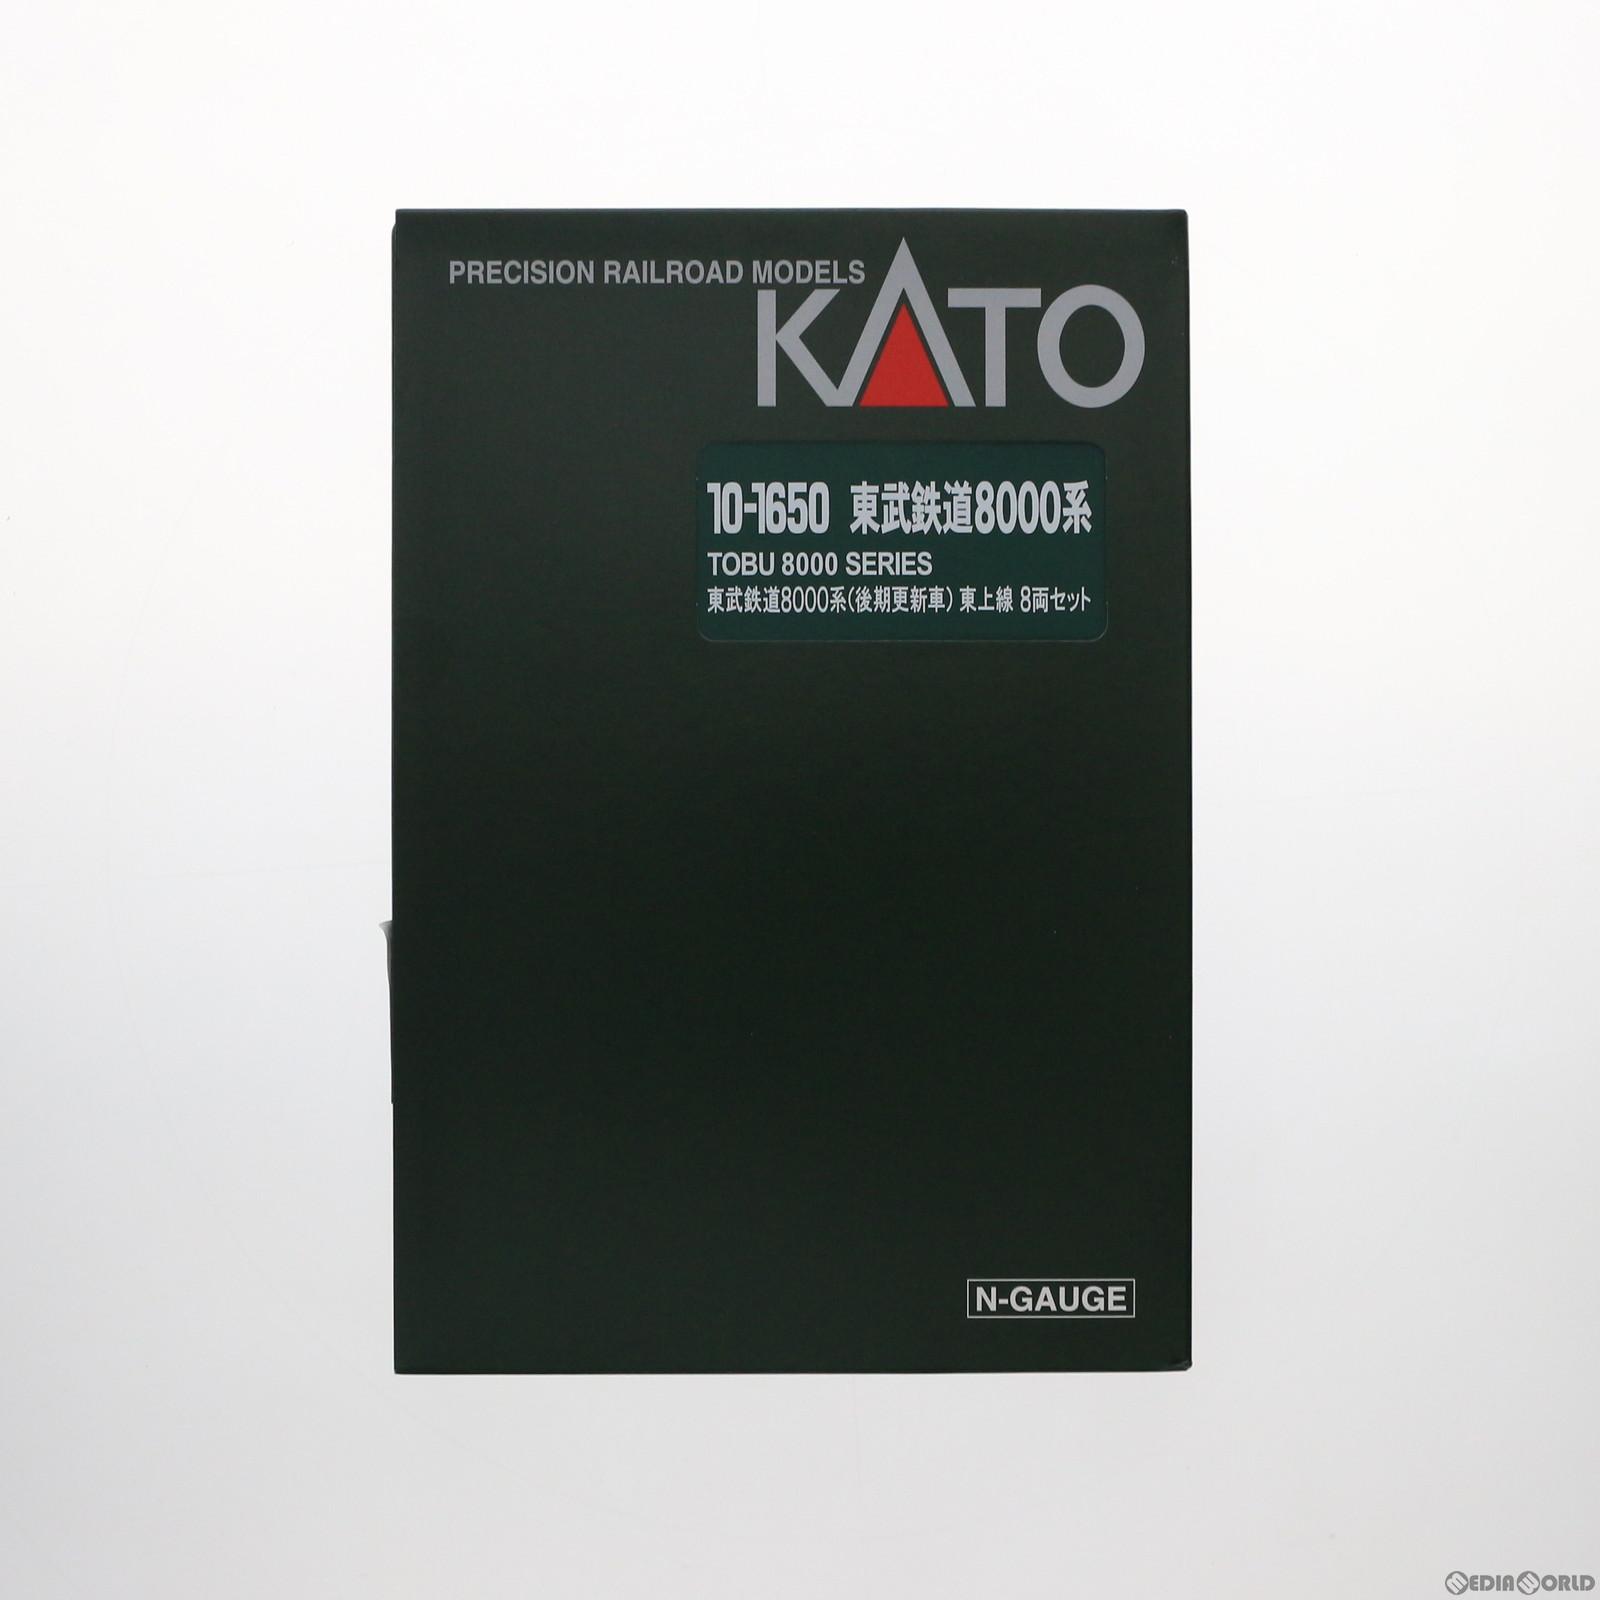 【予約安心発送】[RWM]10-1650 東武鉄道8000系(後期更新車) 東上線 8両セット(動力付き) Nゲージ 鉄道模型 KATO(カトー)(20210918)